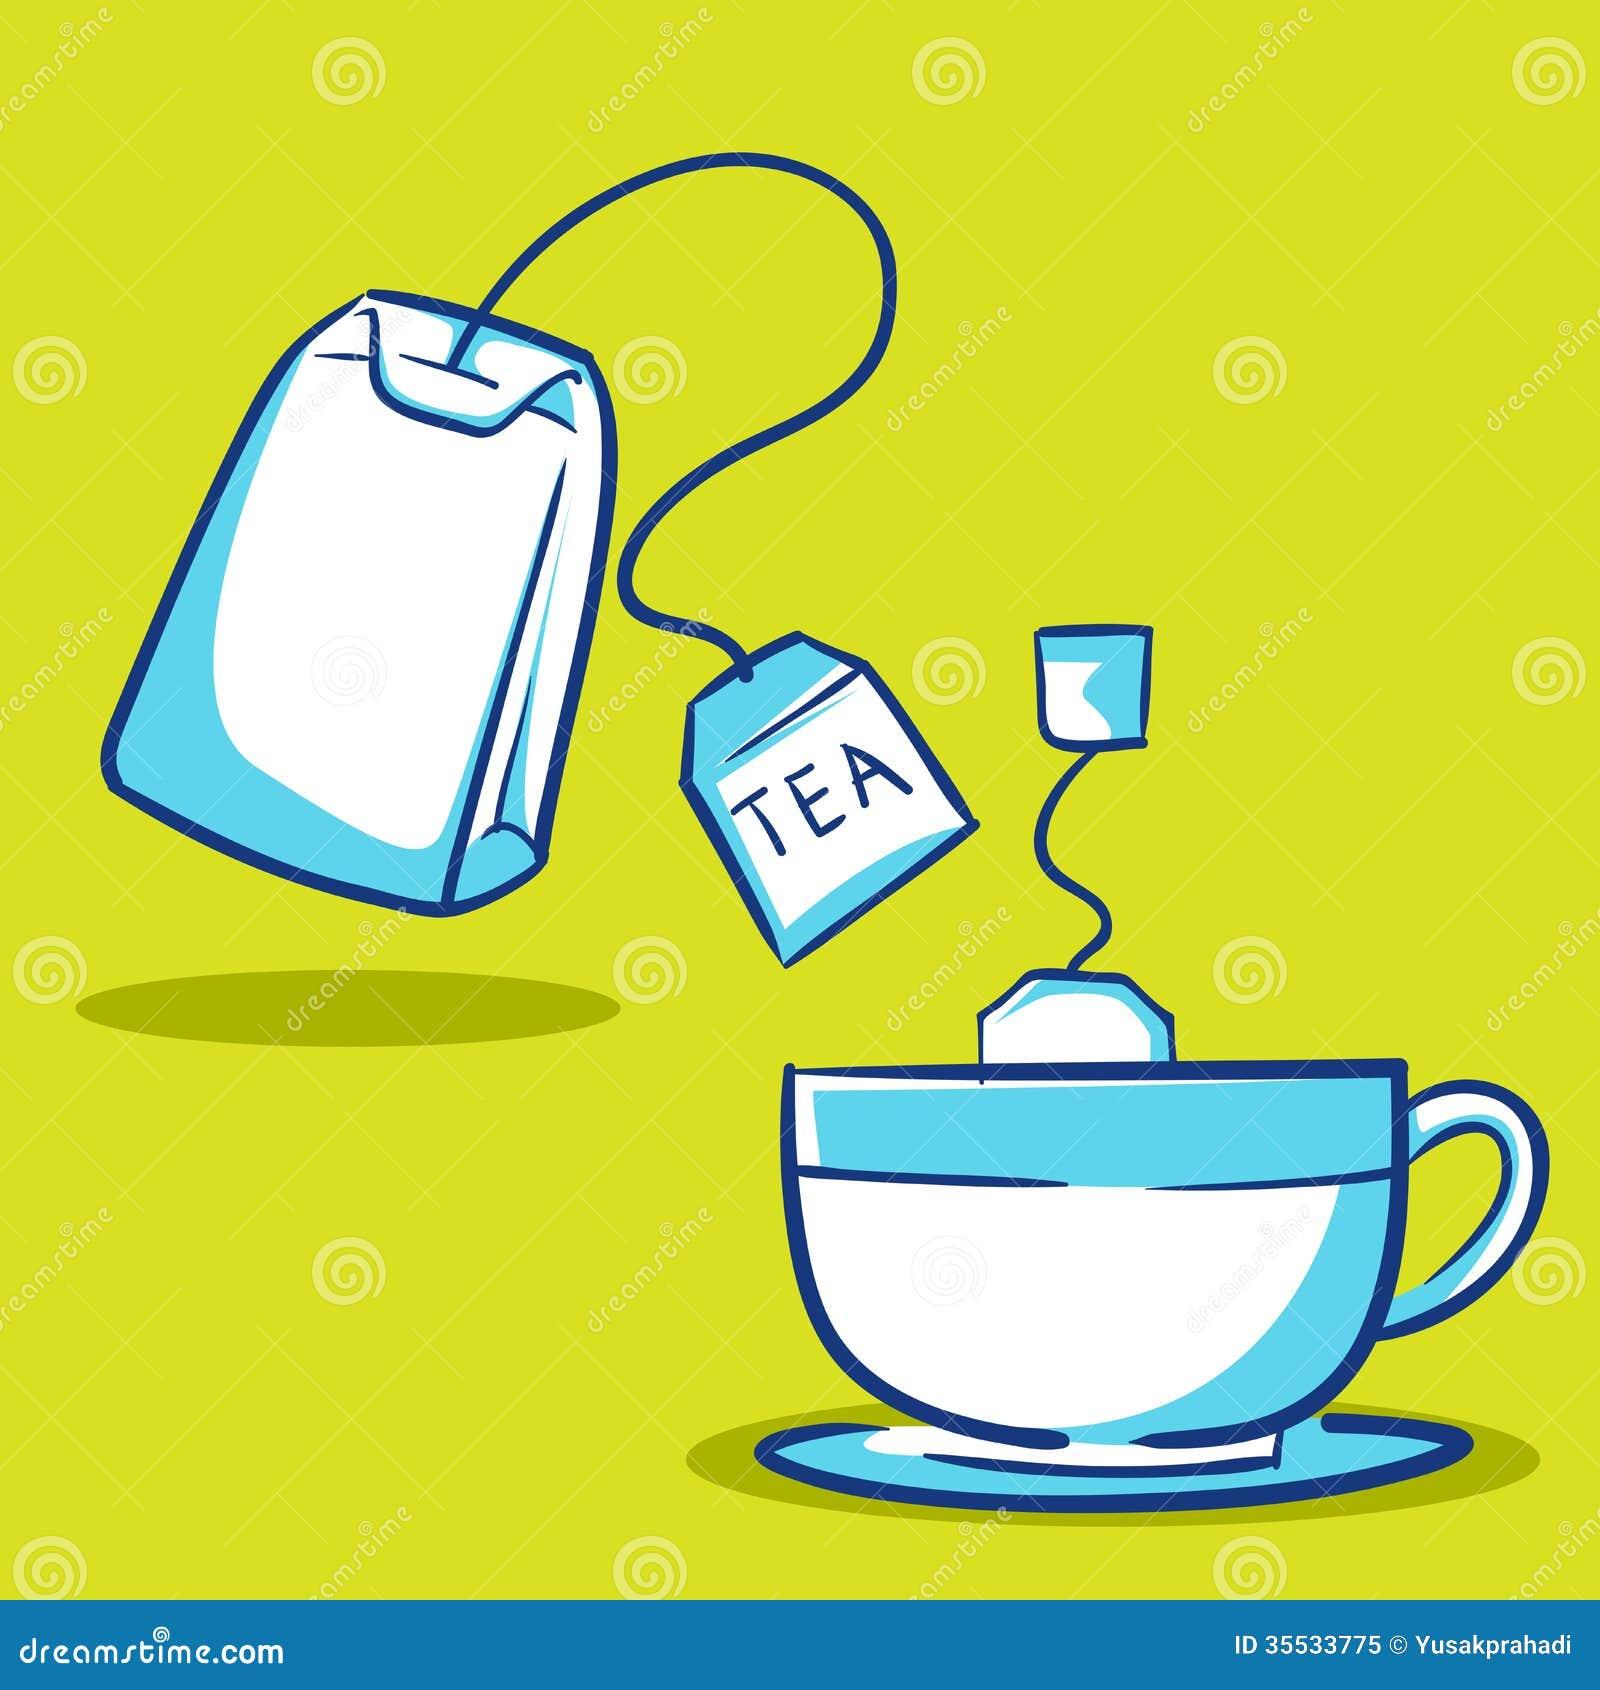 clip art tea bag - photo #8